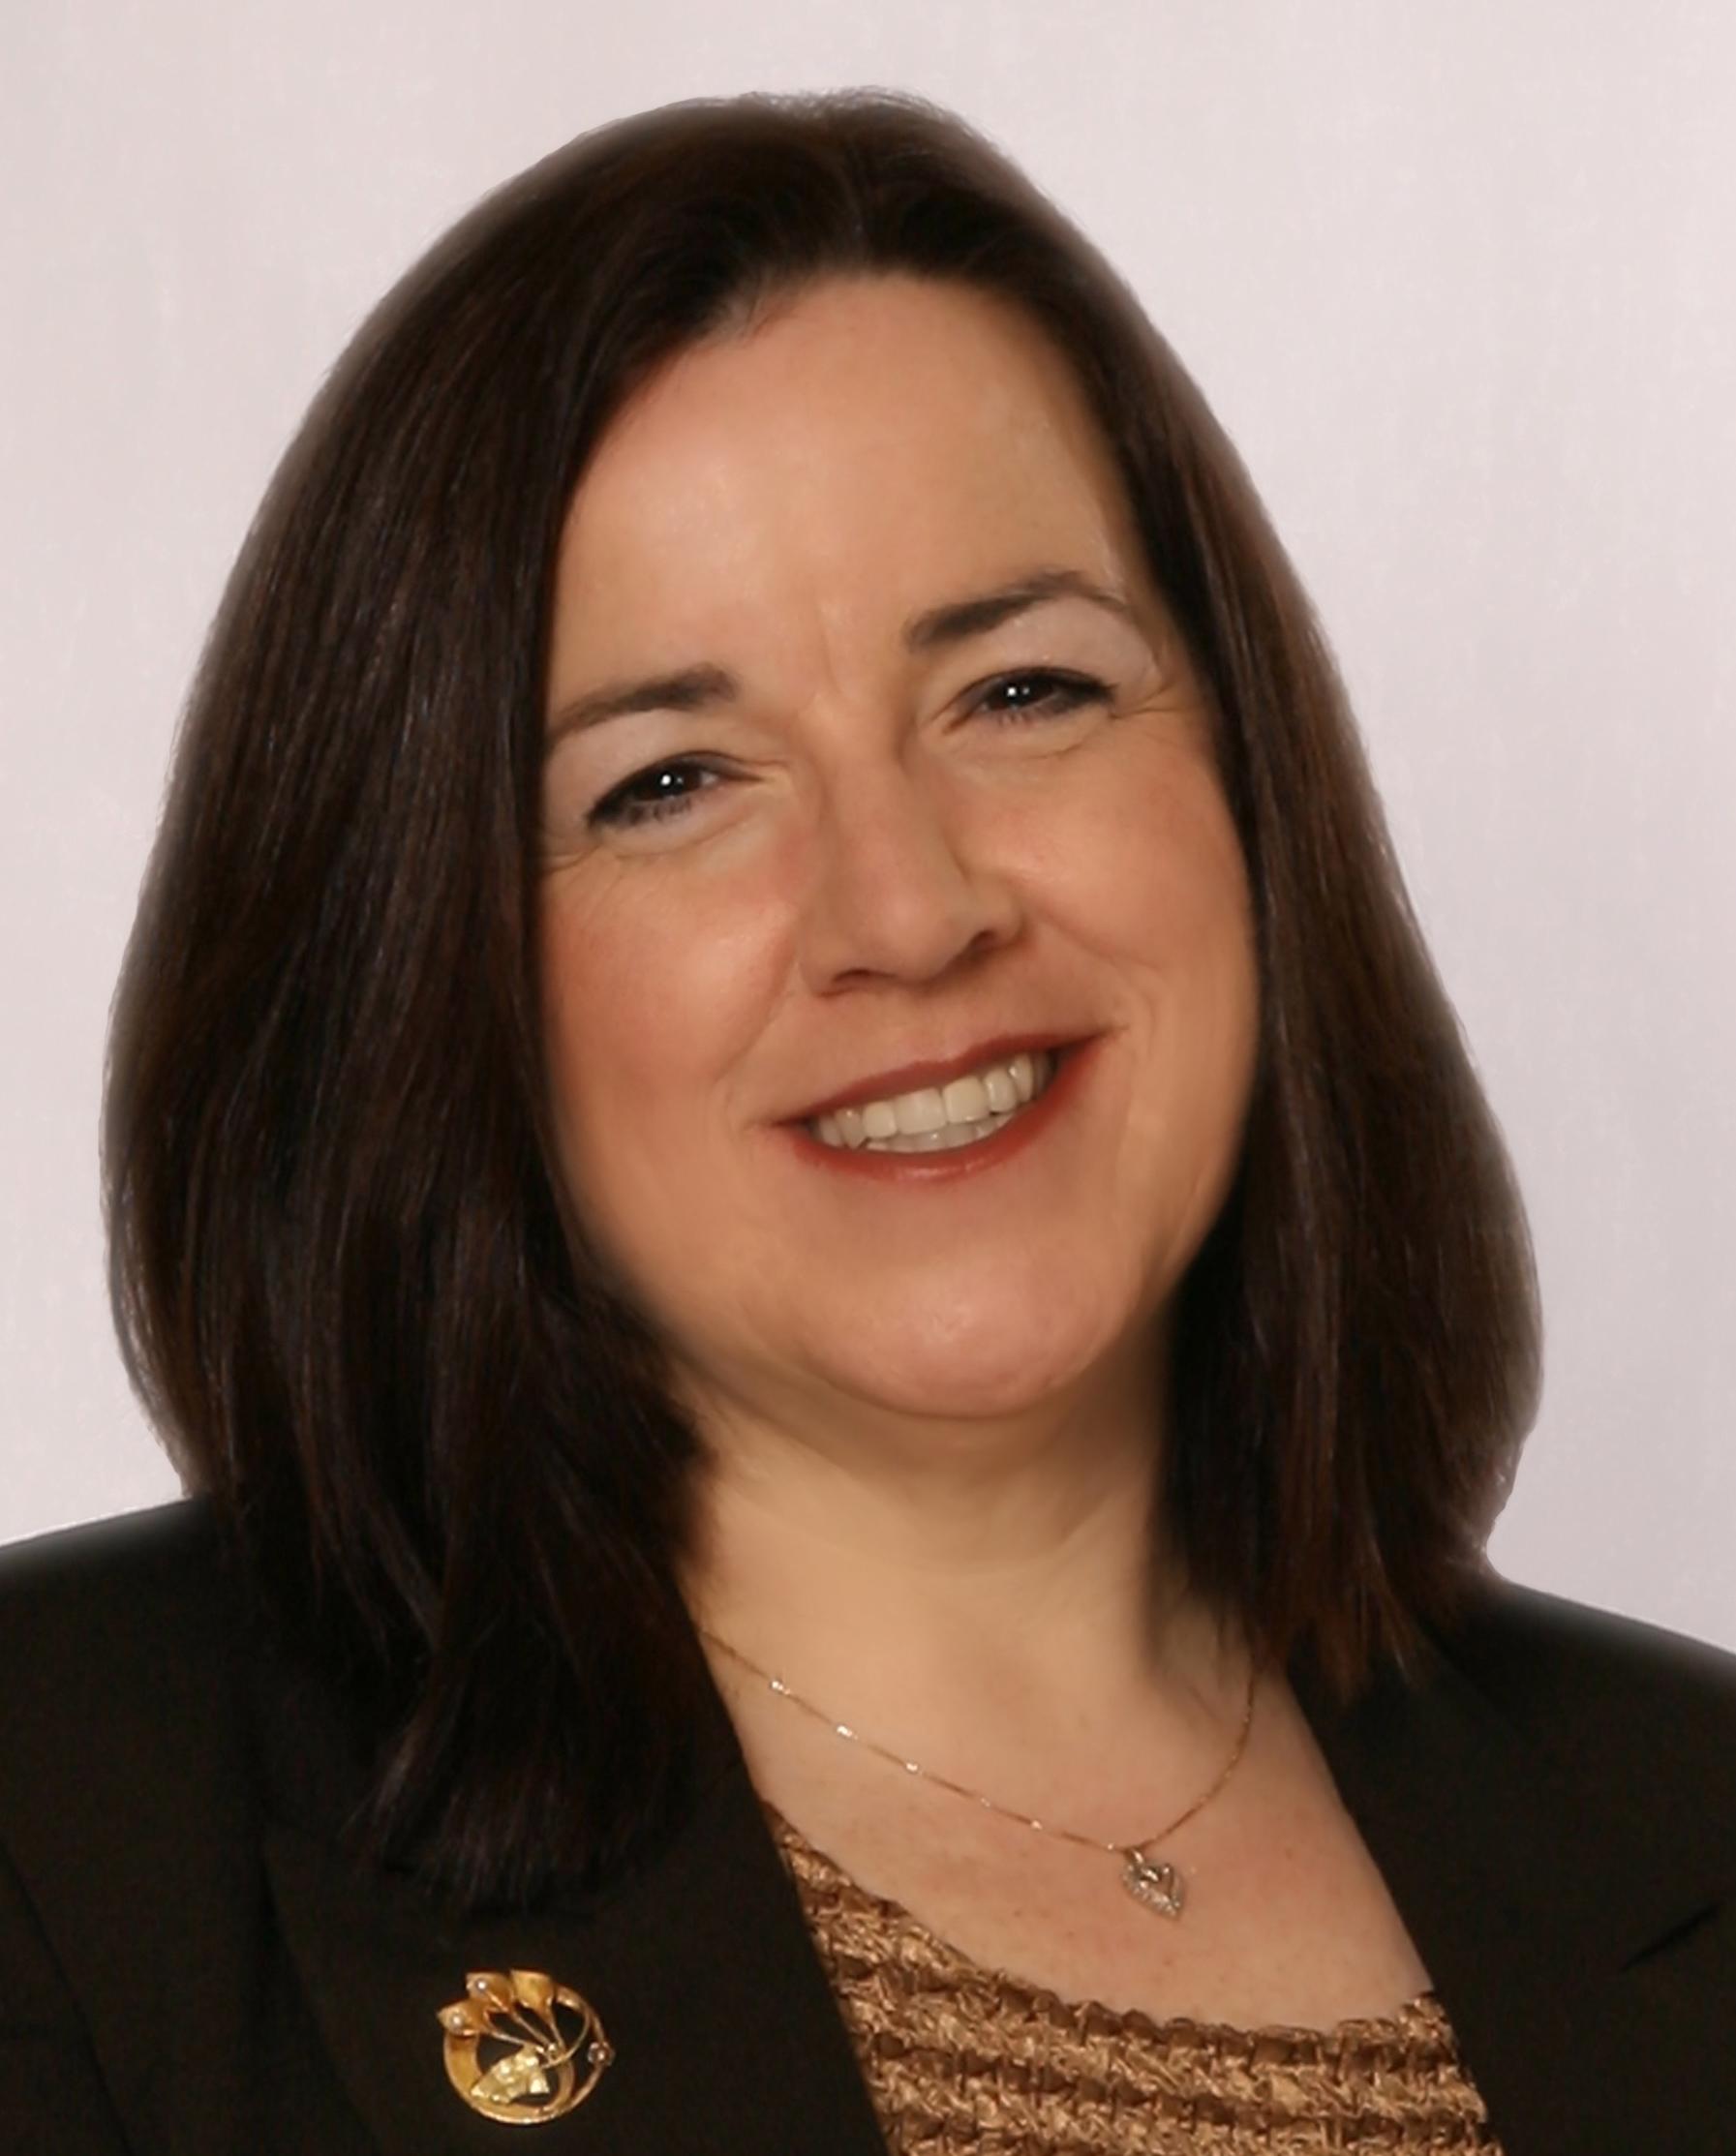 Lisa Giruzzi